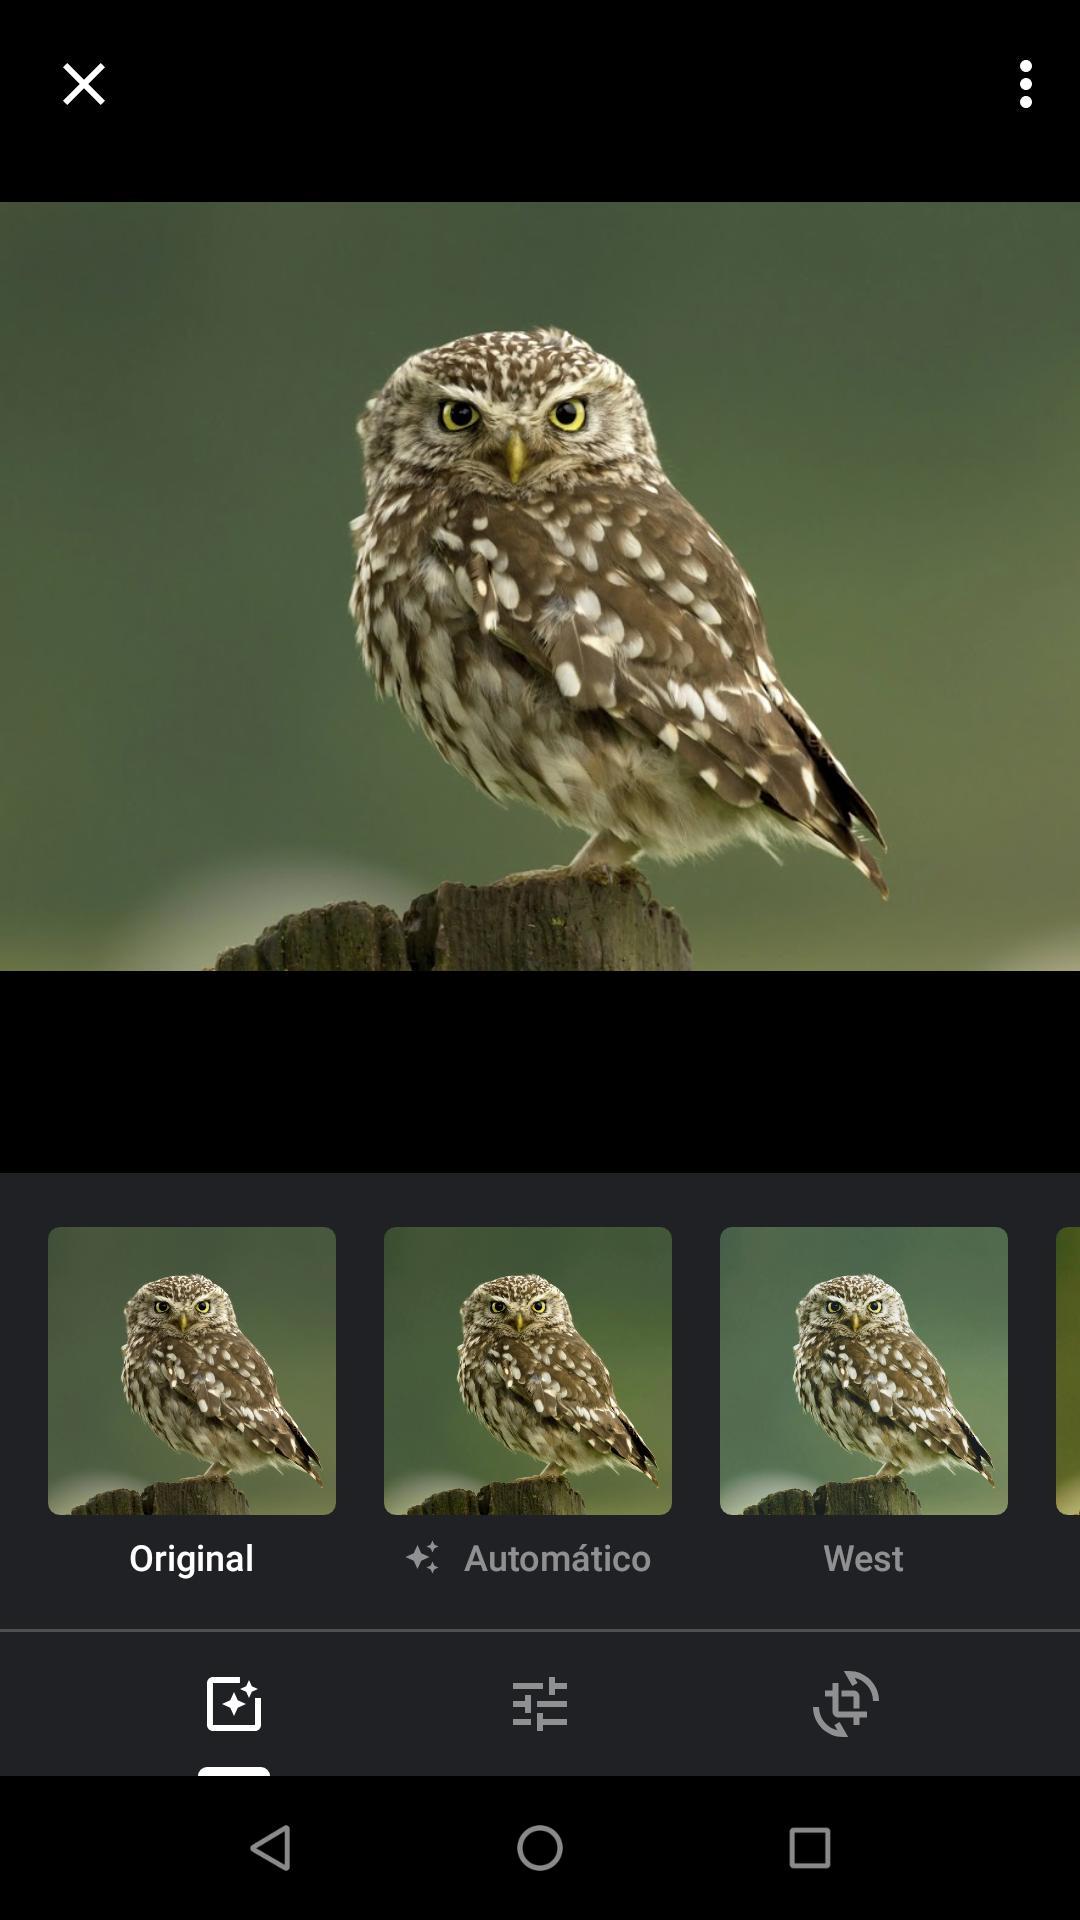 Google Fotos_imgaem com as ferramentas de adição do app e seleção de filtros